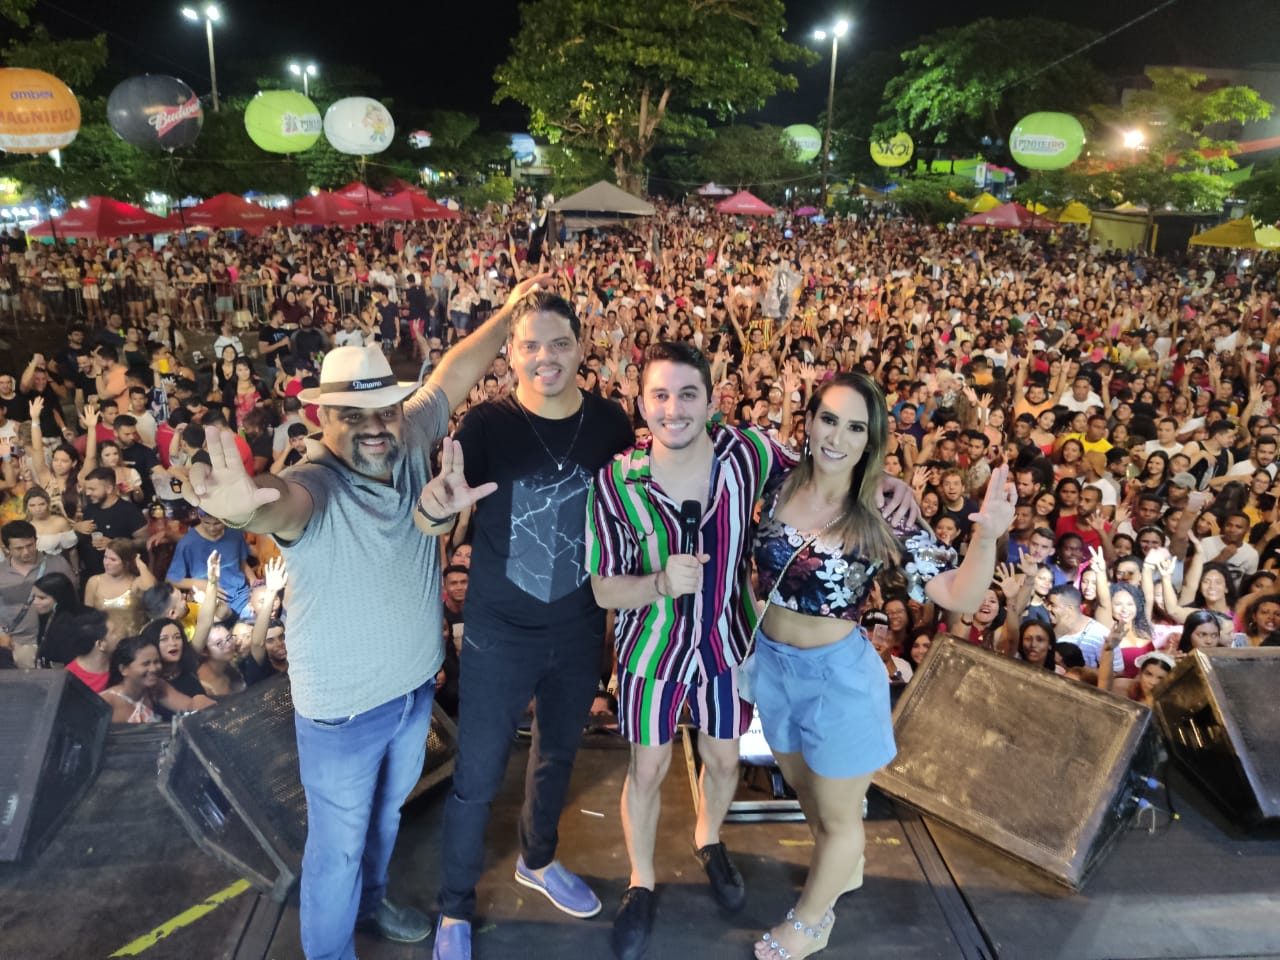 Thaiza Hortegal elogia o Carnaval de Pinheiro